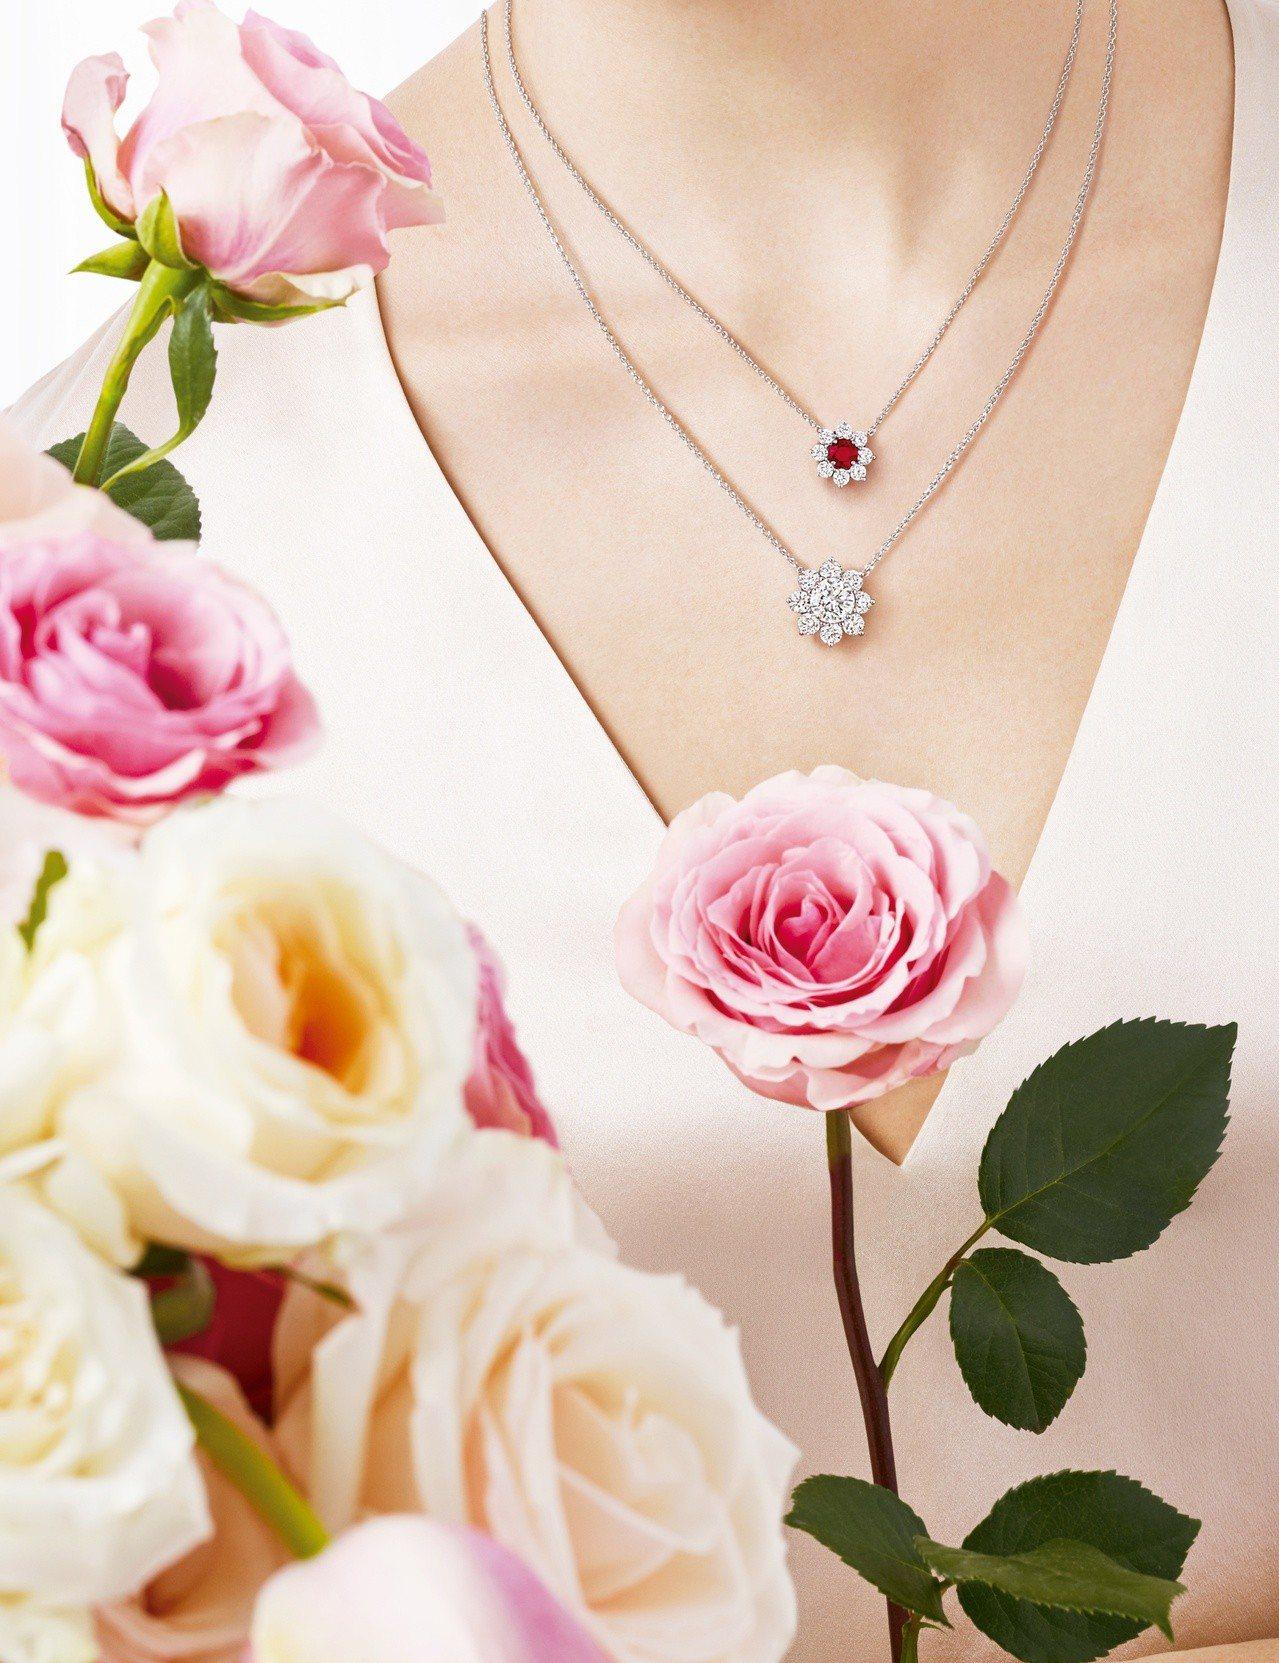 海瑞溫斯頓向陽花卉Sunflower珠寶系列,Petite紅寶石鑽石鍊墜及鑽石鍊...